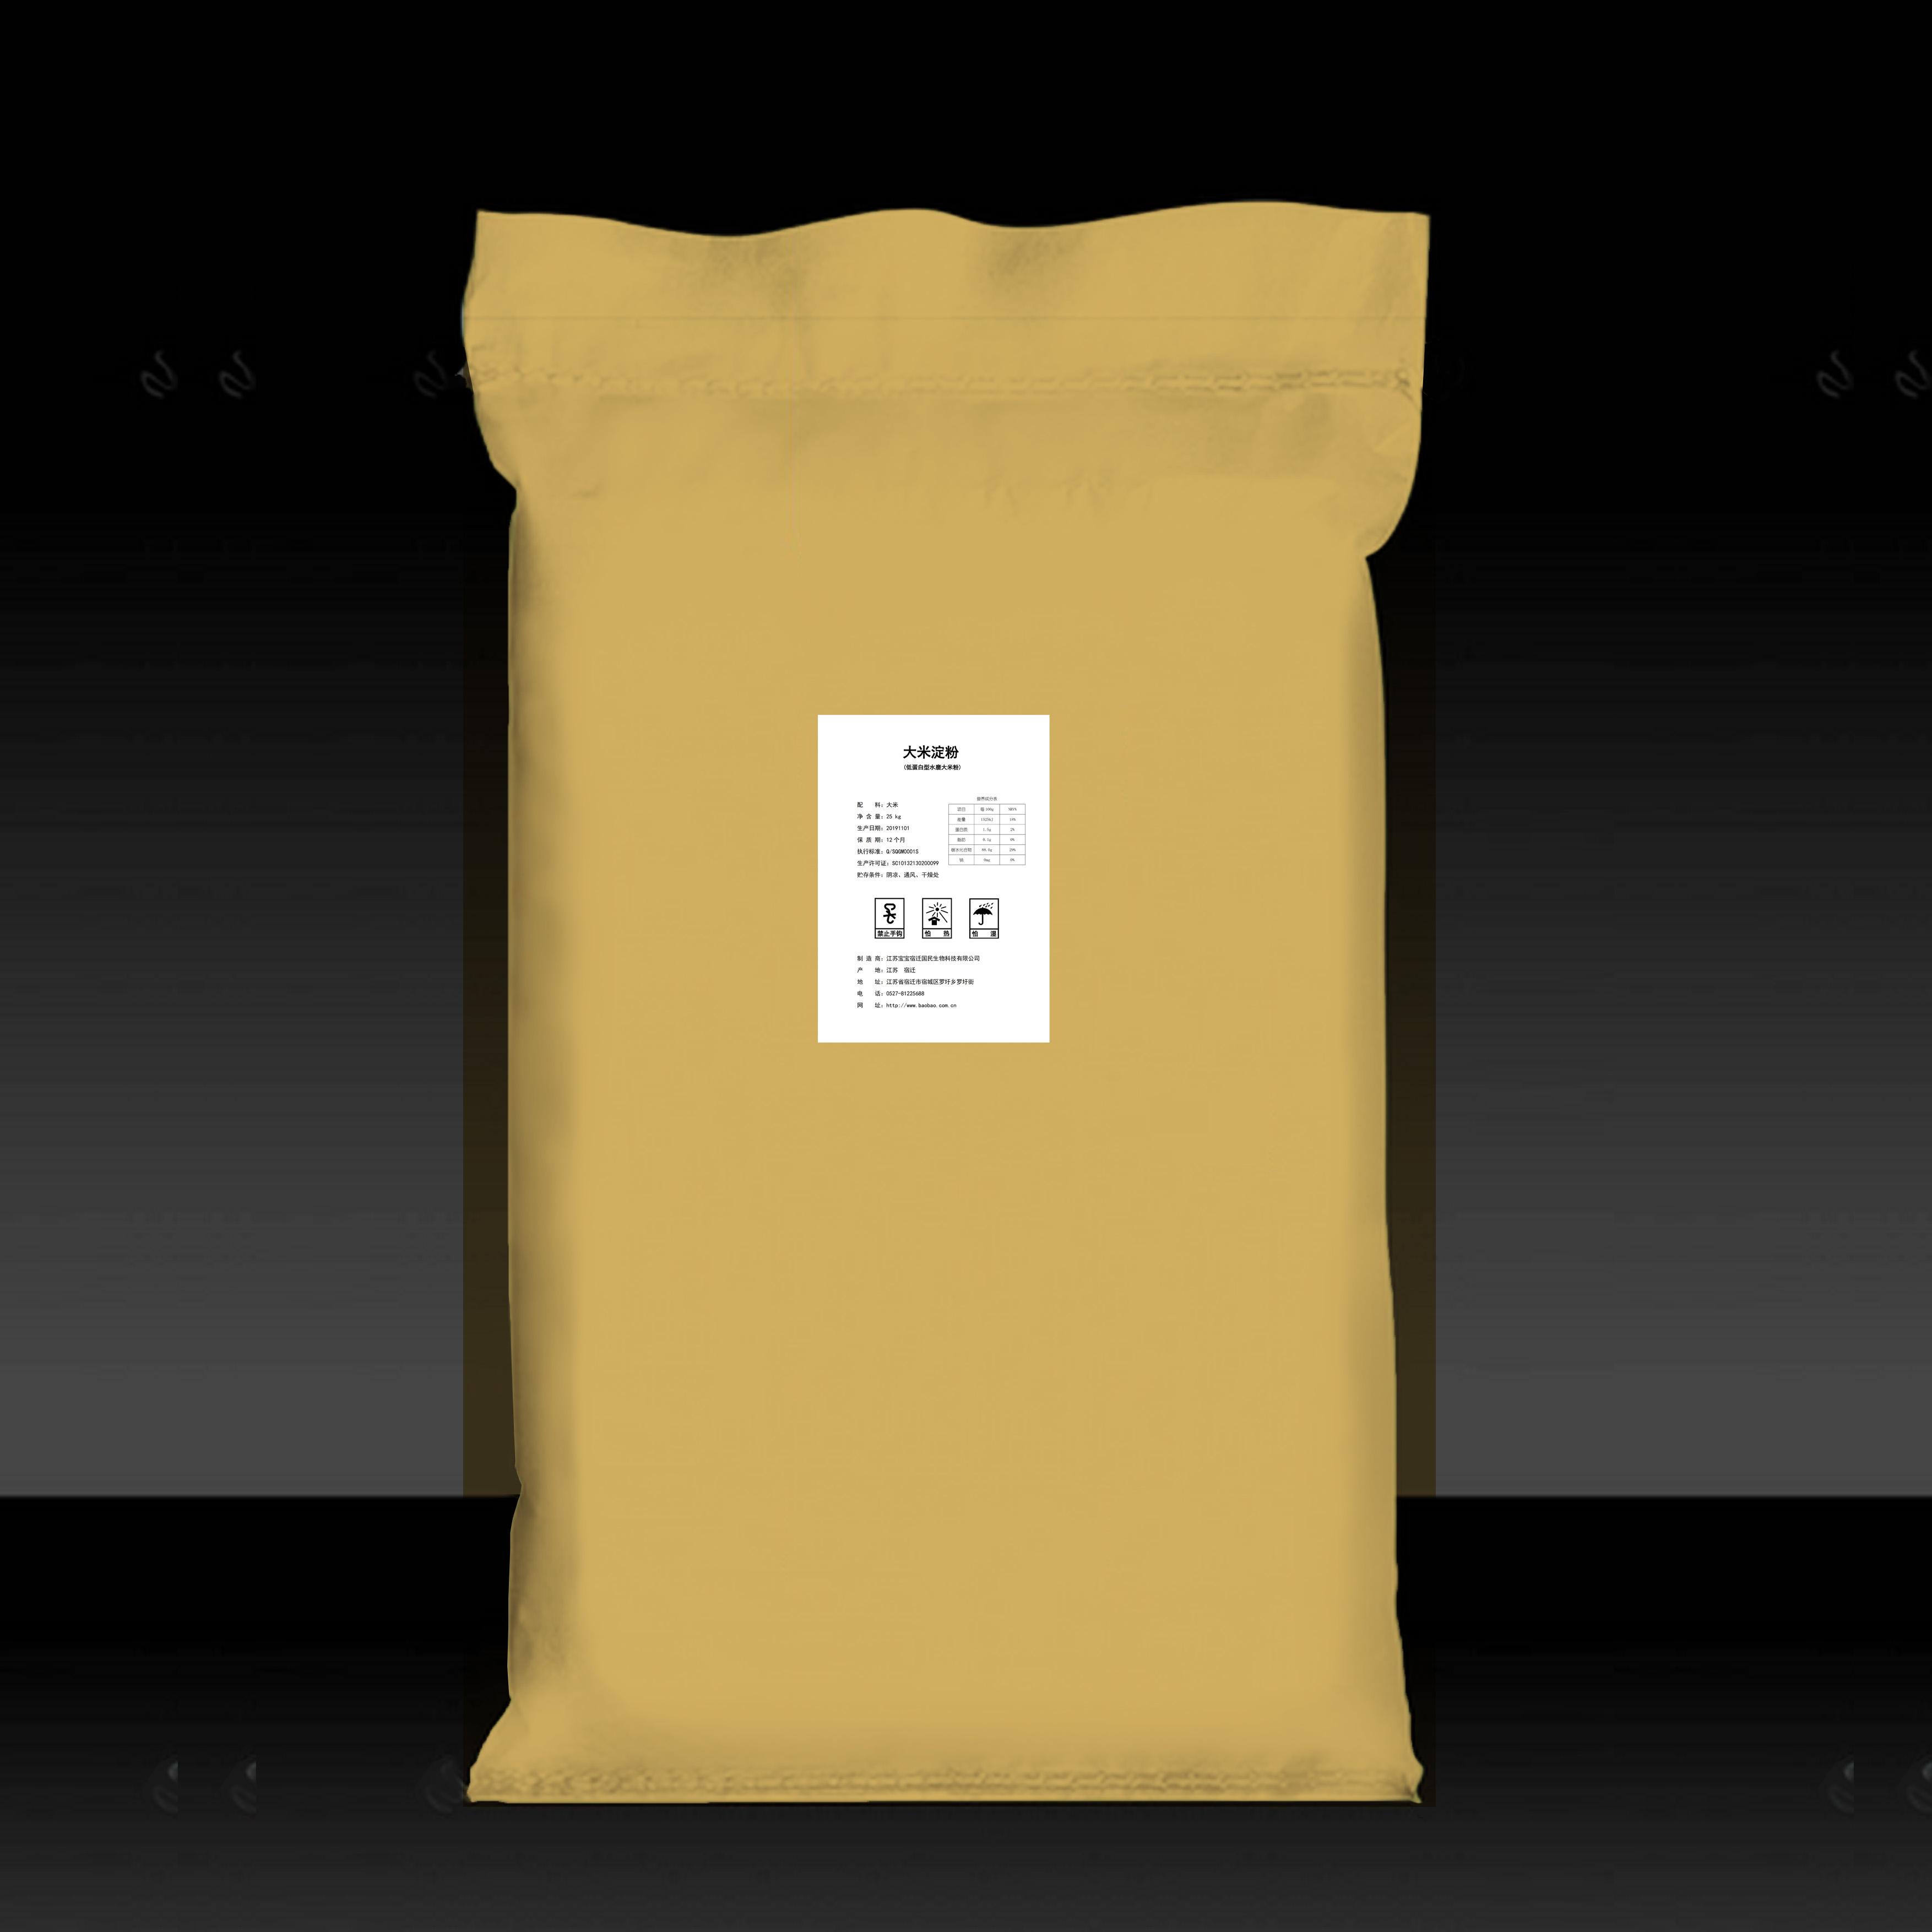 大米淀粉  低蛋白型大米粉 用于大米饼等膨化食品 厂家直销大米淀粉